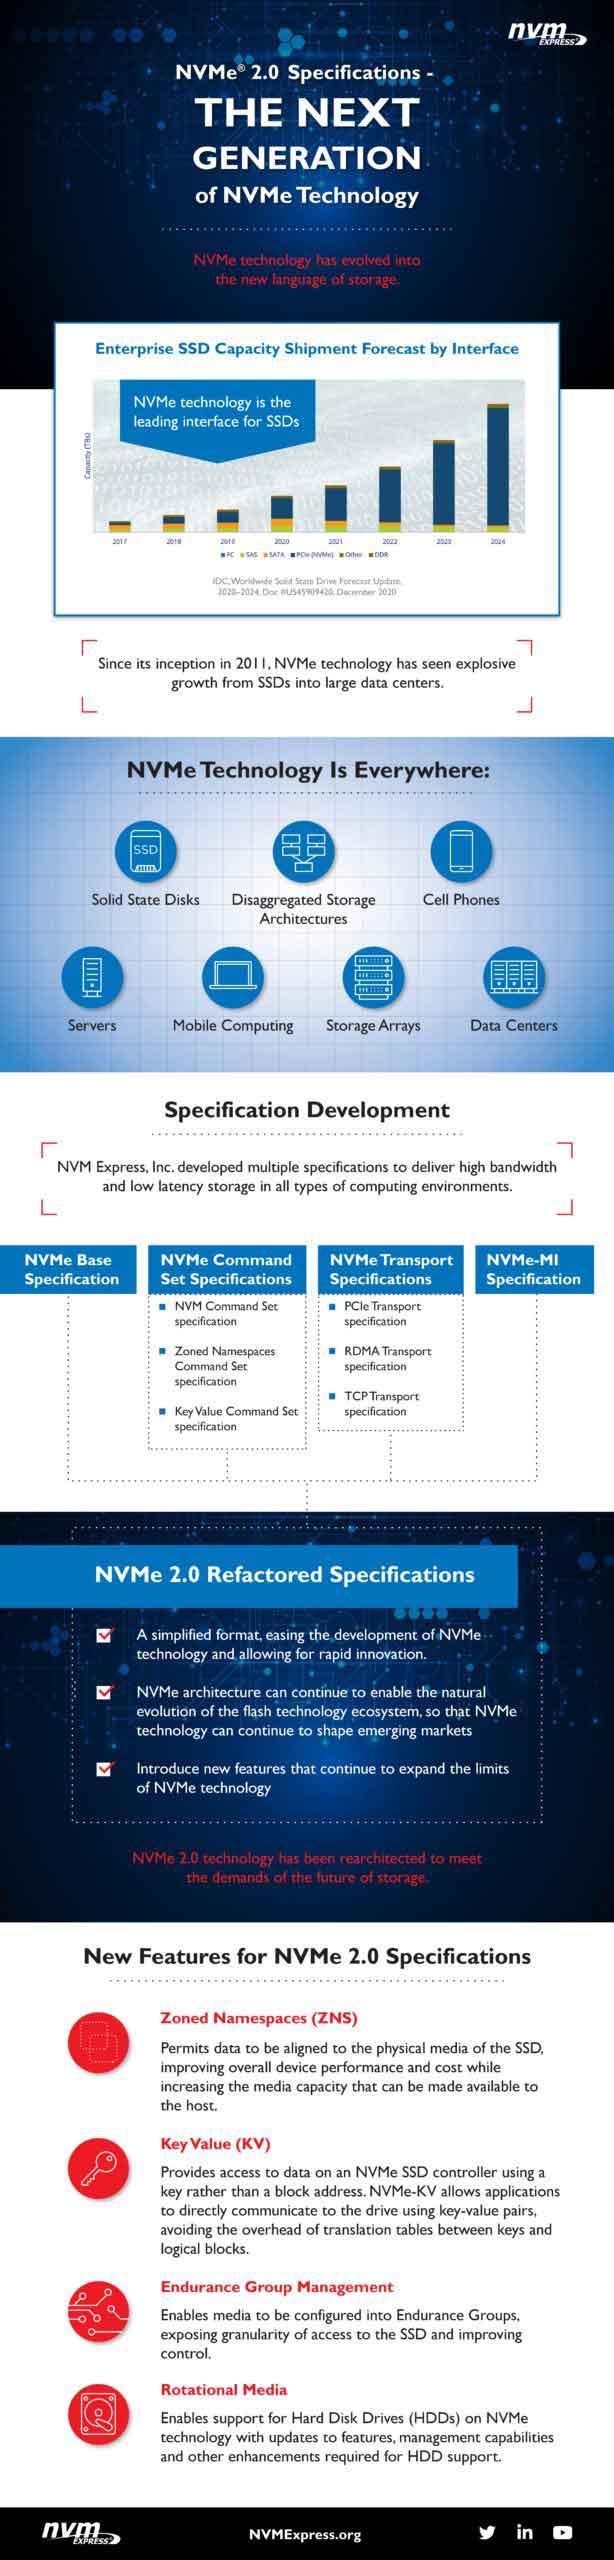 Les spécifications finales du protocole NVM Express 2.0 (NVMe)